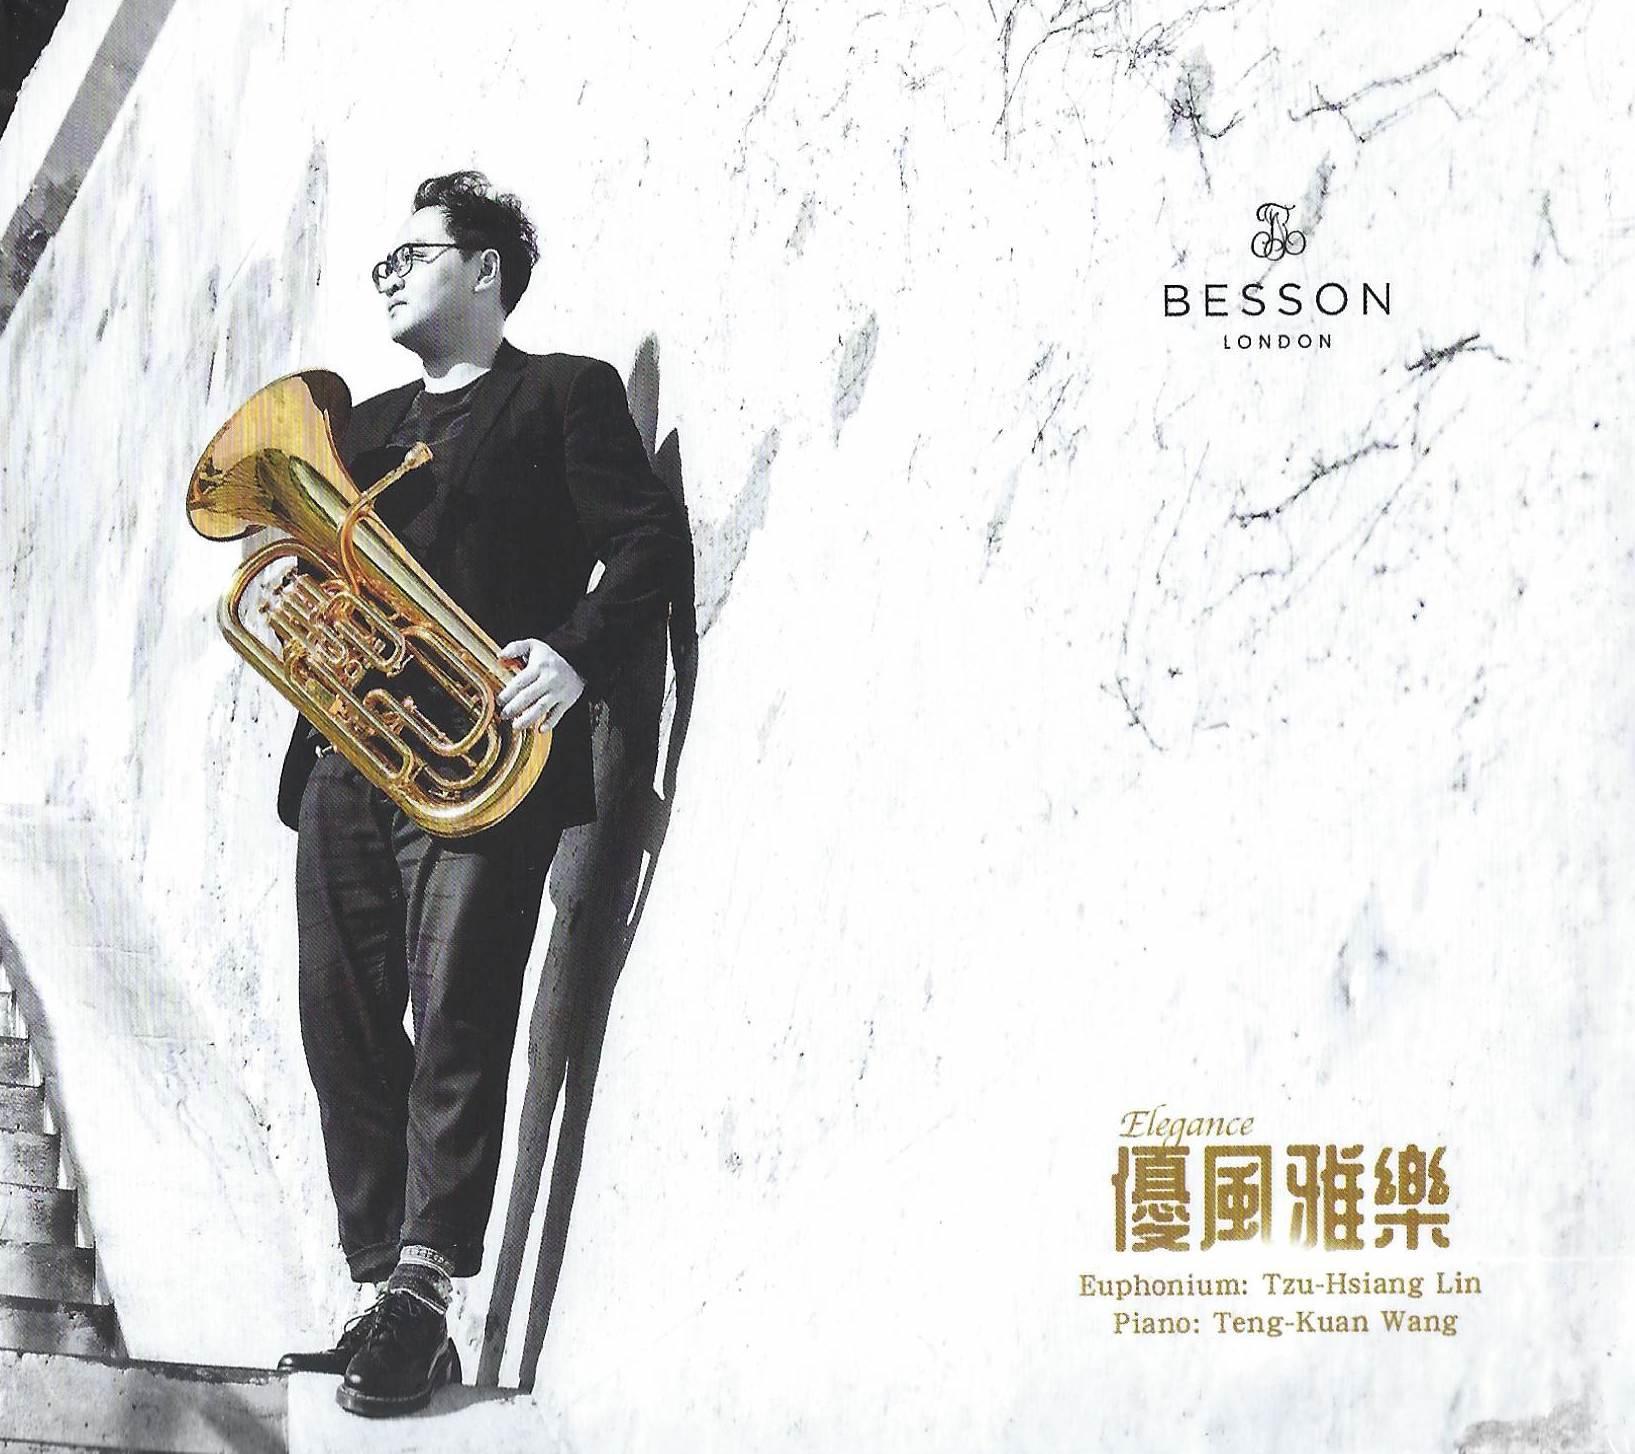 CD - Elegance - Tzu-Hsiang Lin (euphonium) and Teng-Kuan Wang (piano)